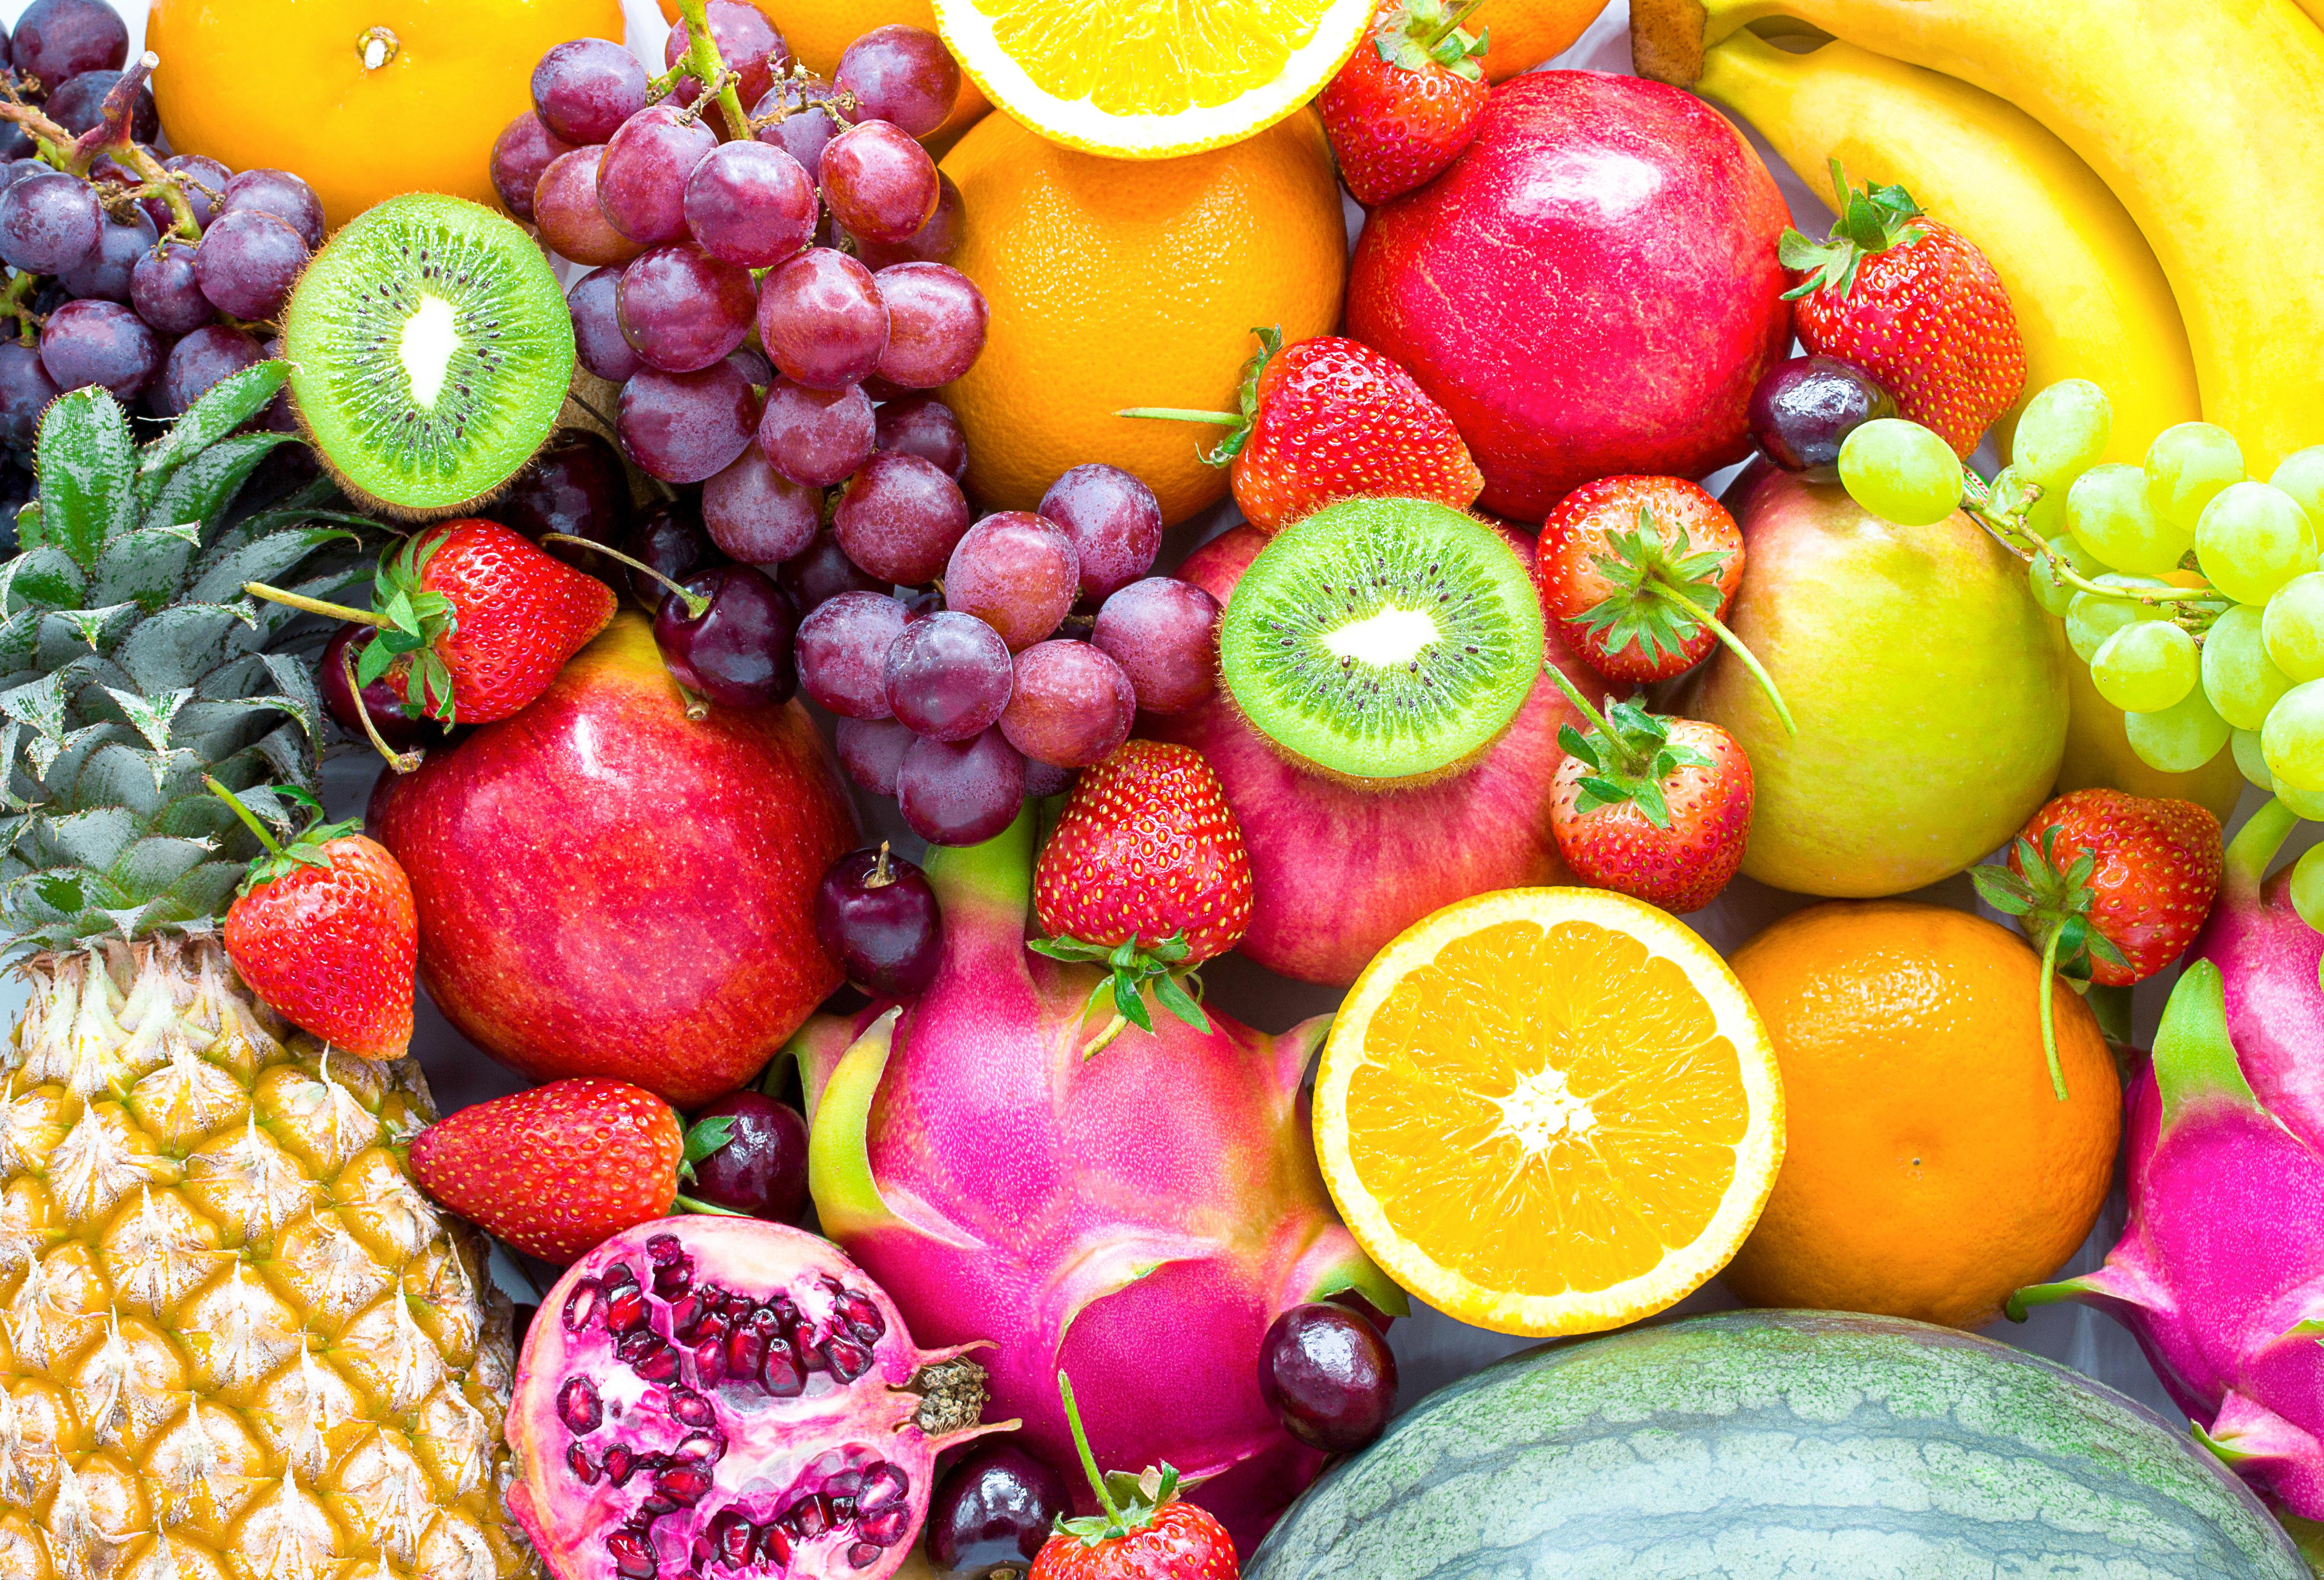 Frutta si o frutta no? E quanta frutta si può mangiare?